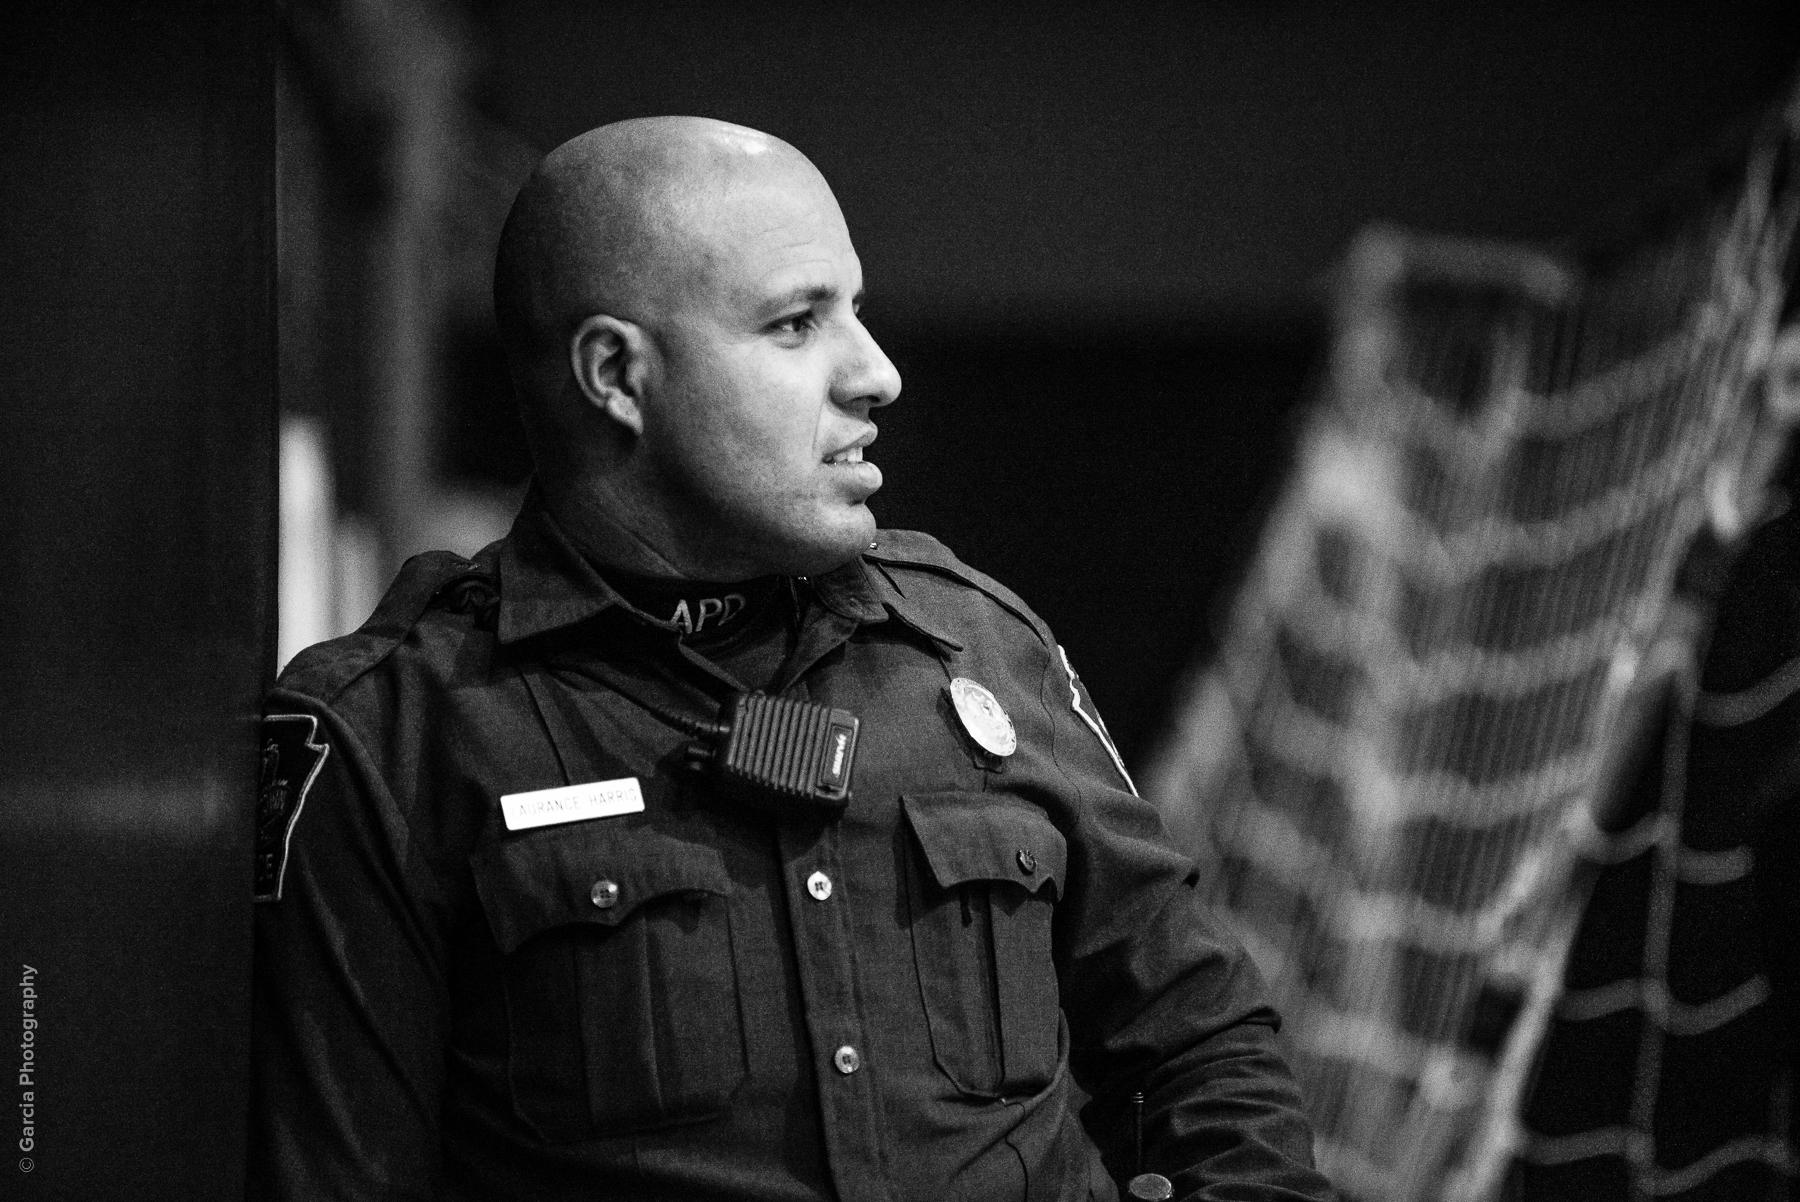 Cops-Meet-Block-Event-GarciaPhotography-9952.jpg